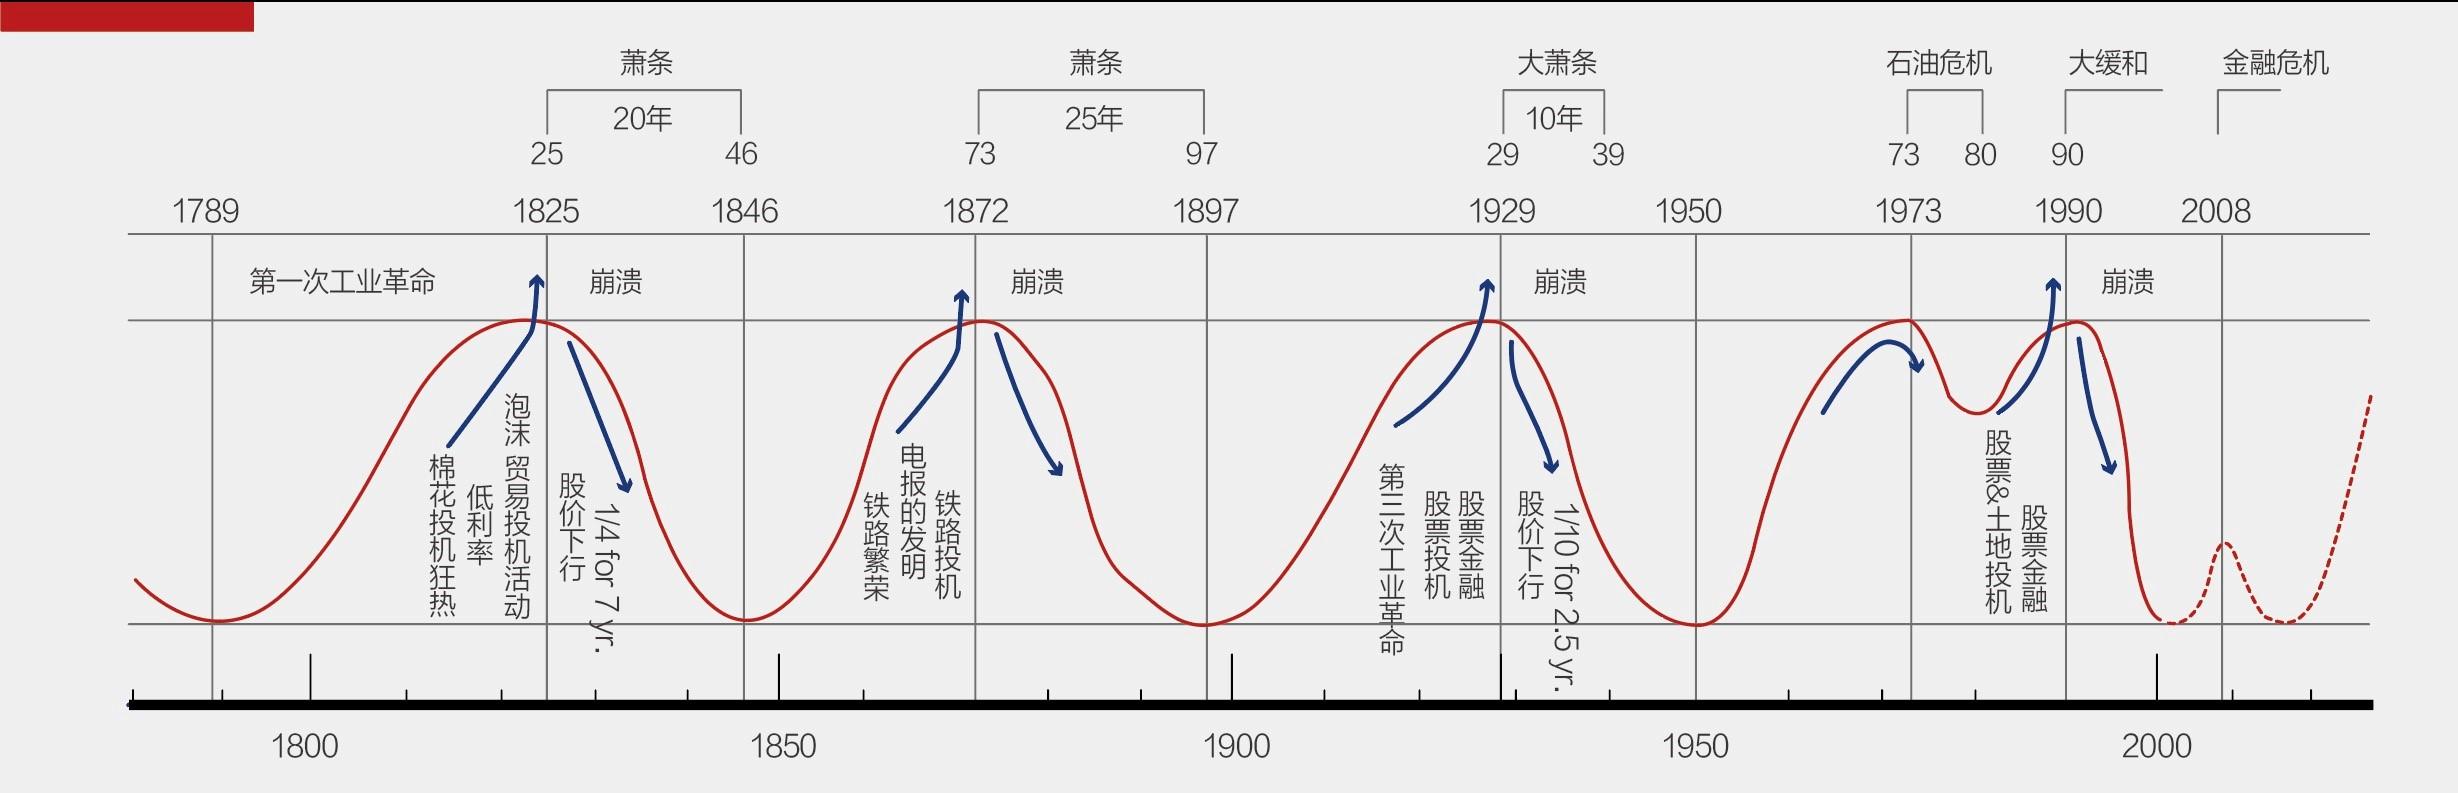 809-图4 - 副本.jpg